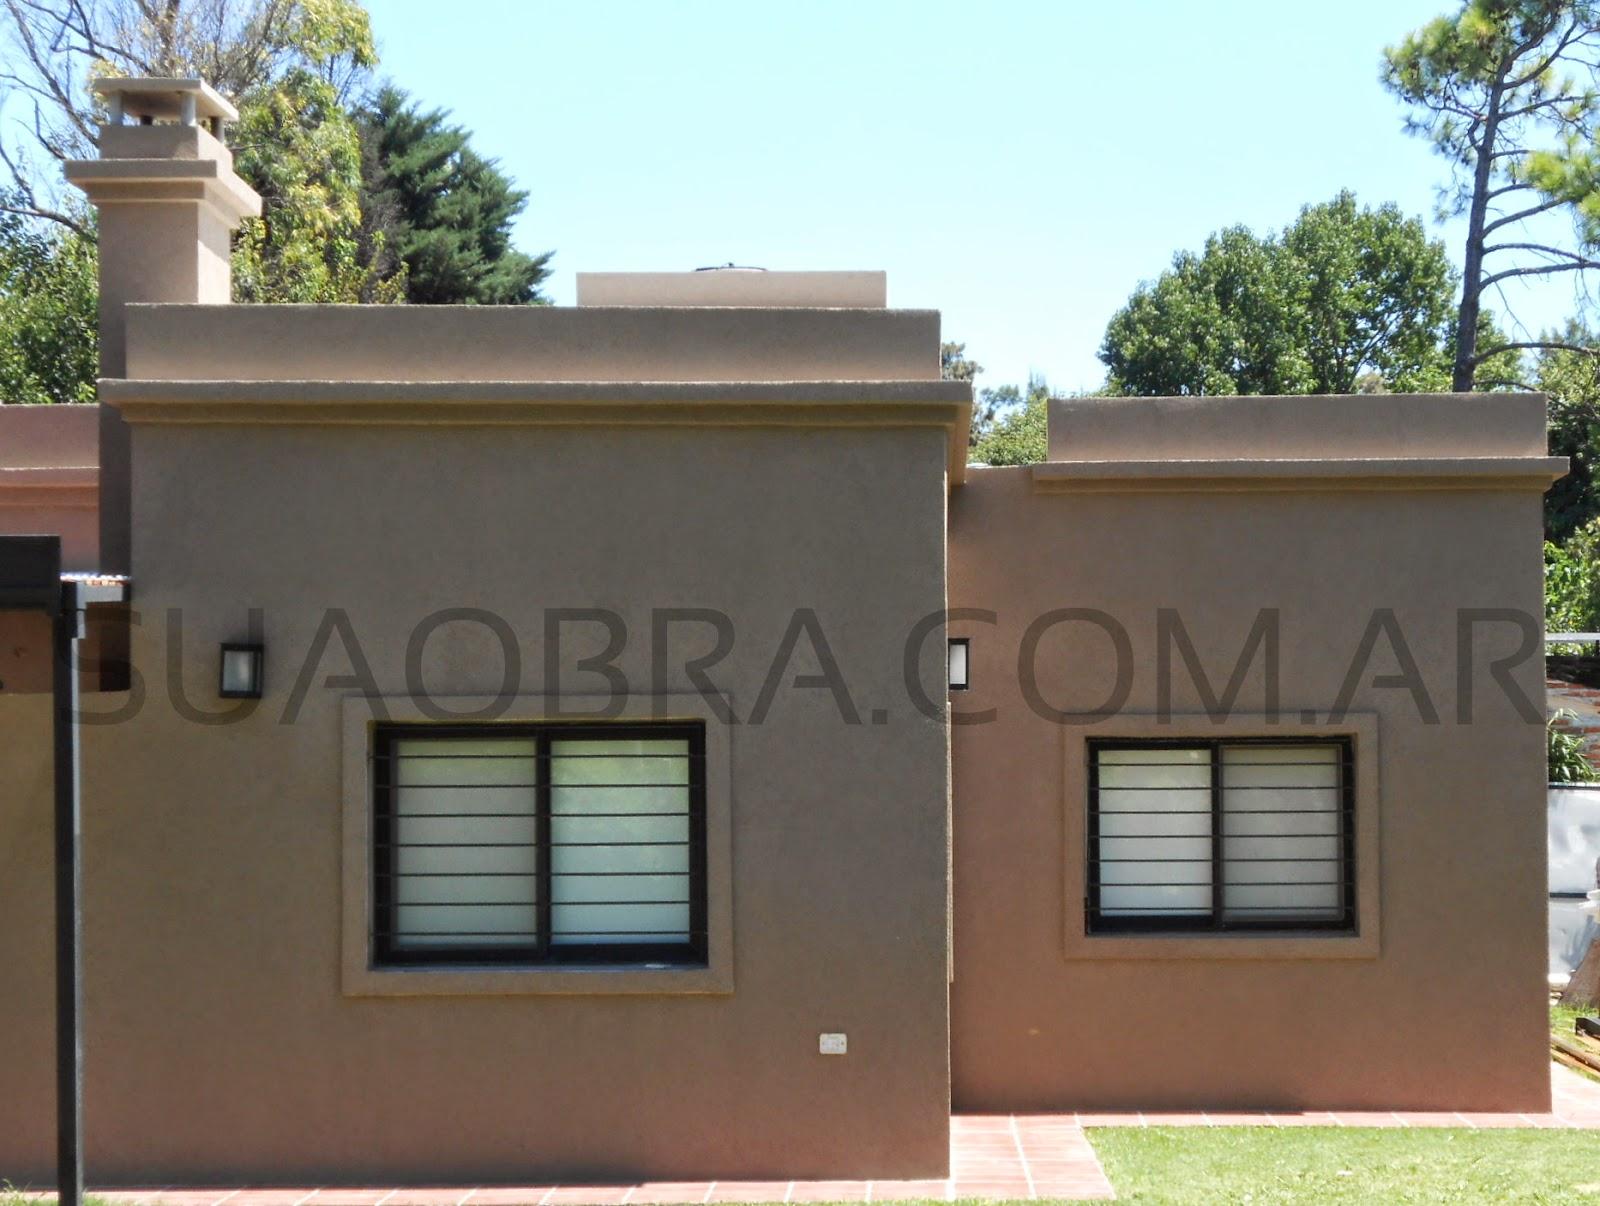 Tarquini aplicacion revestimientos plasticos exteriores - Revestimiento para paredes exteriores ...